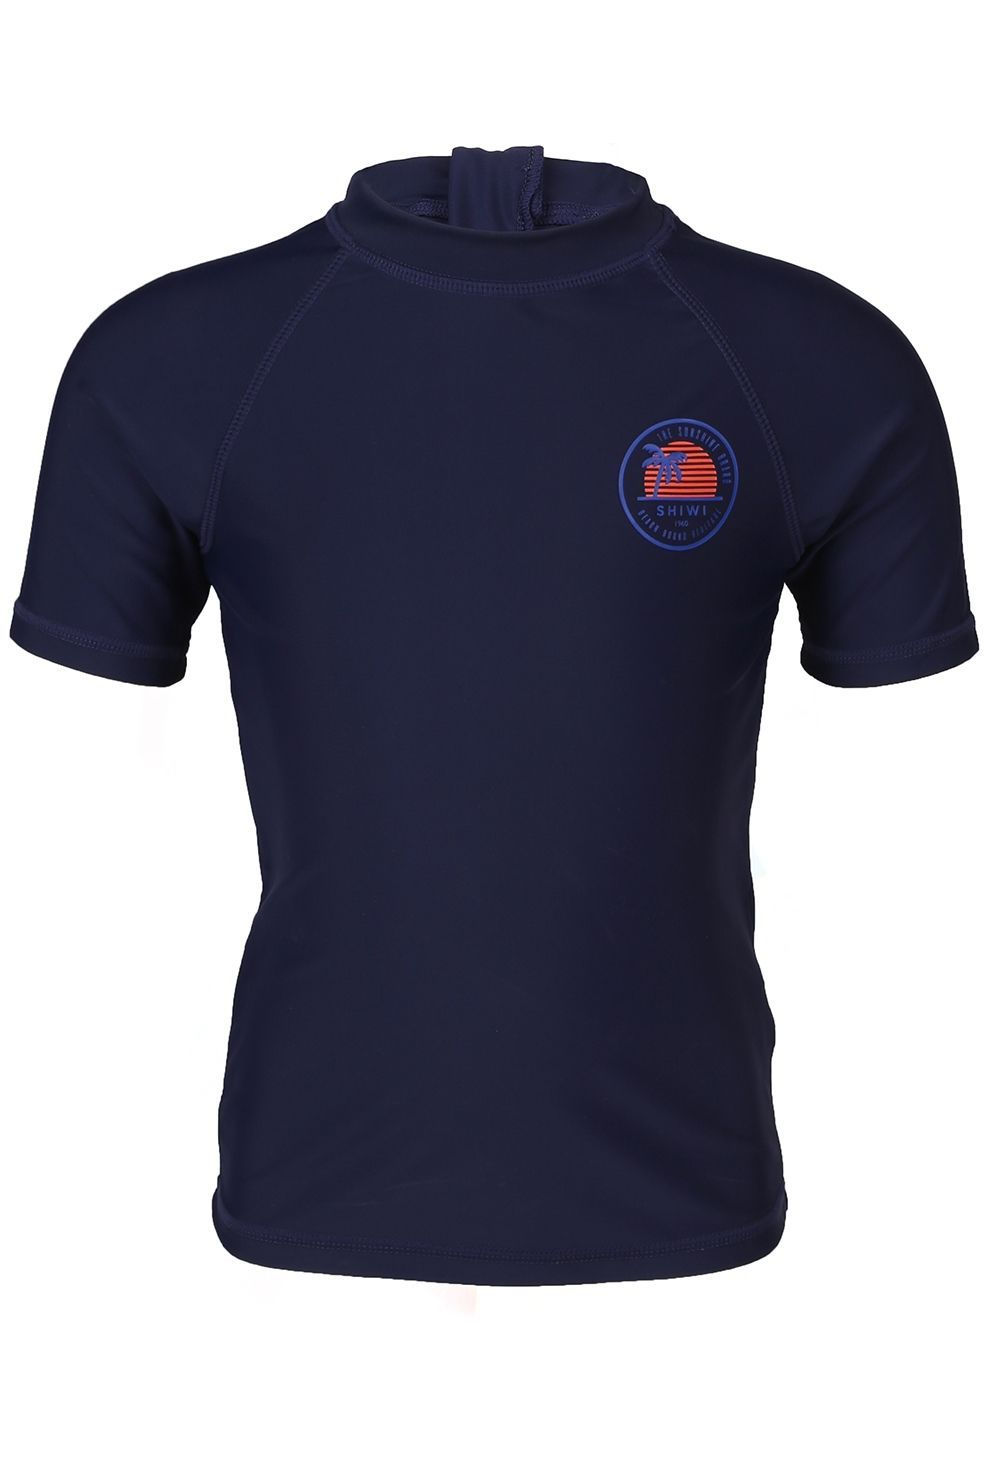 Shiwi Lycra Logo Rashtee voor jongens - Blauw - Maten: 104, 116, 128, 140, 152, 164